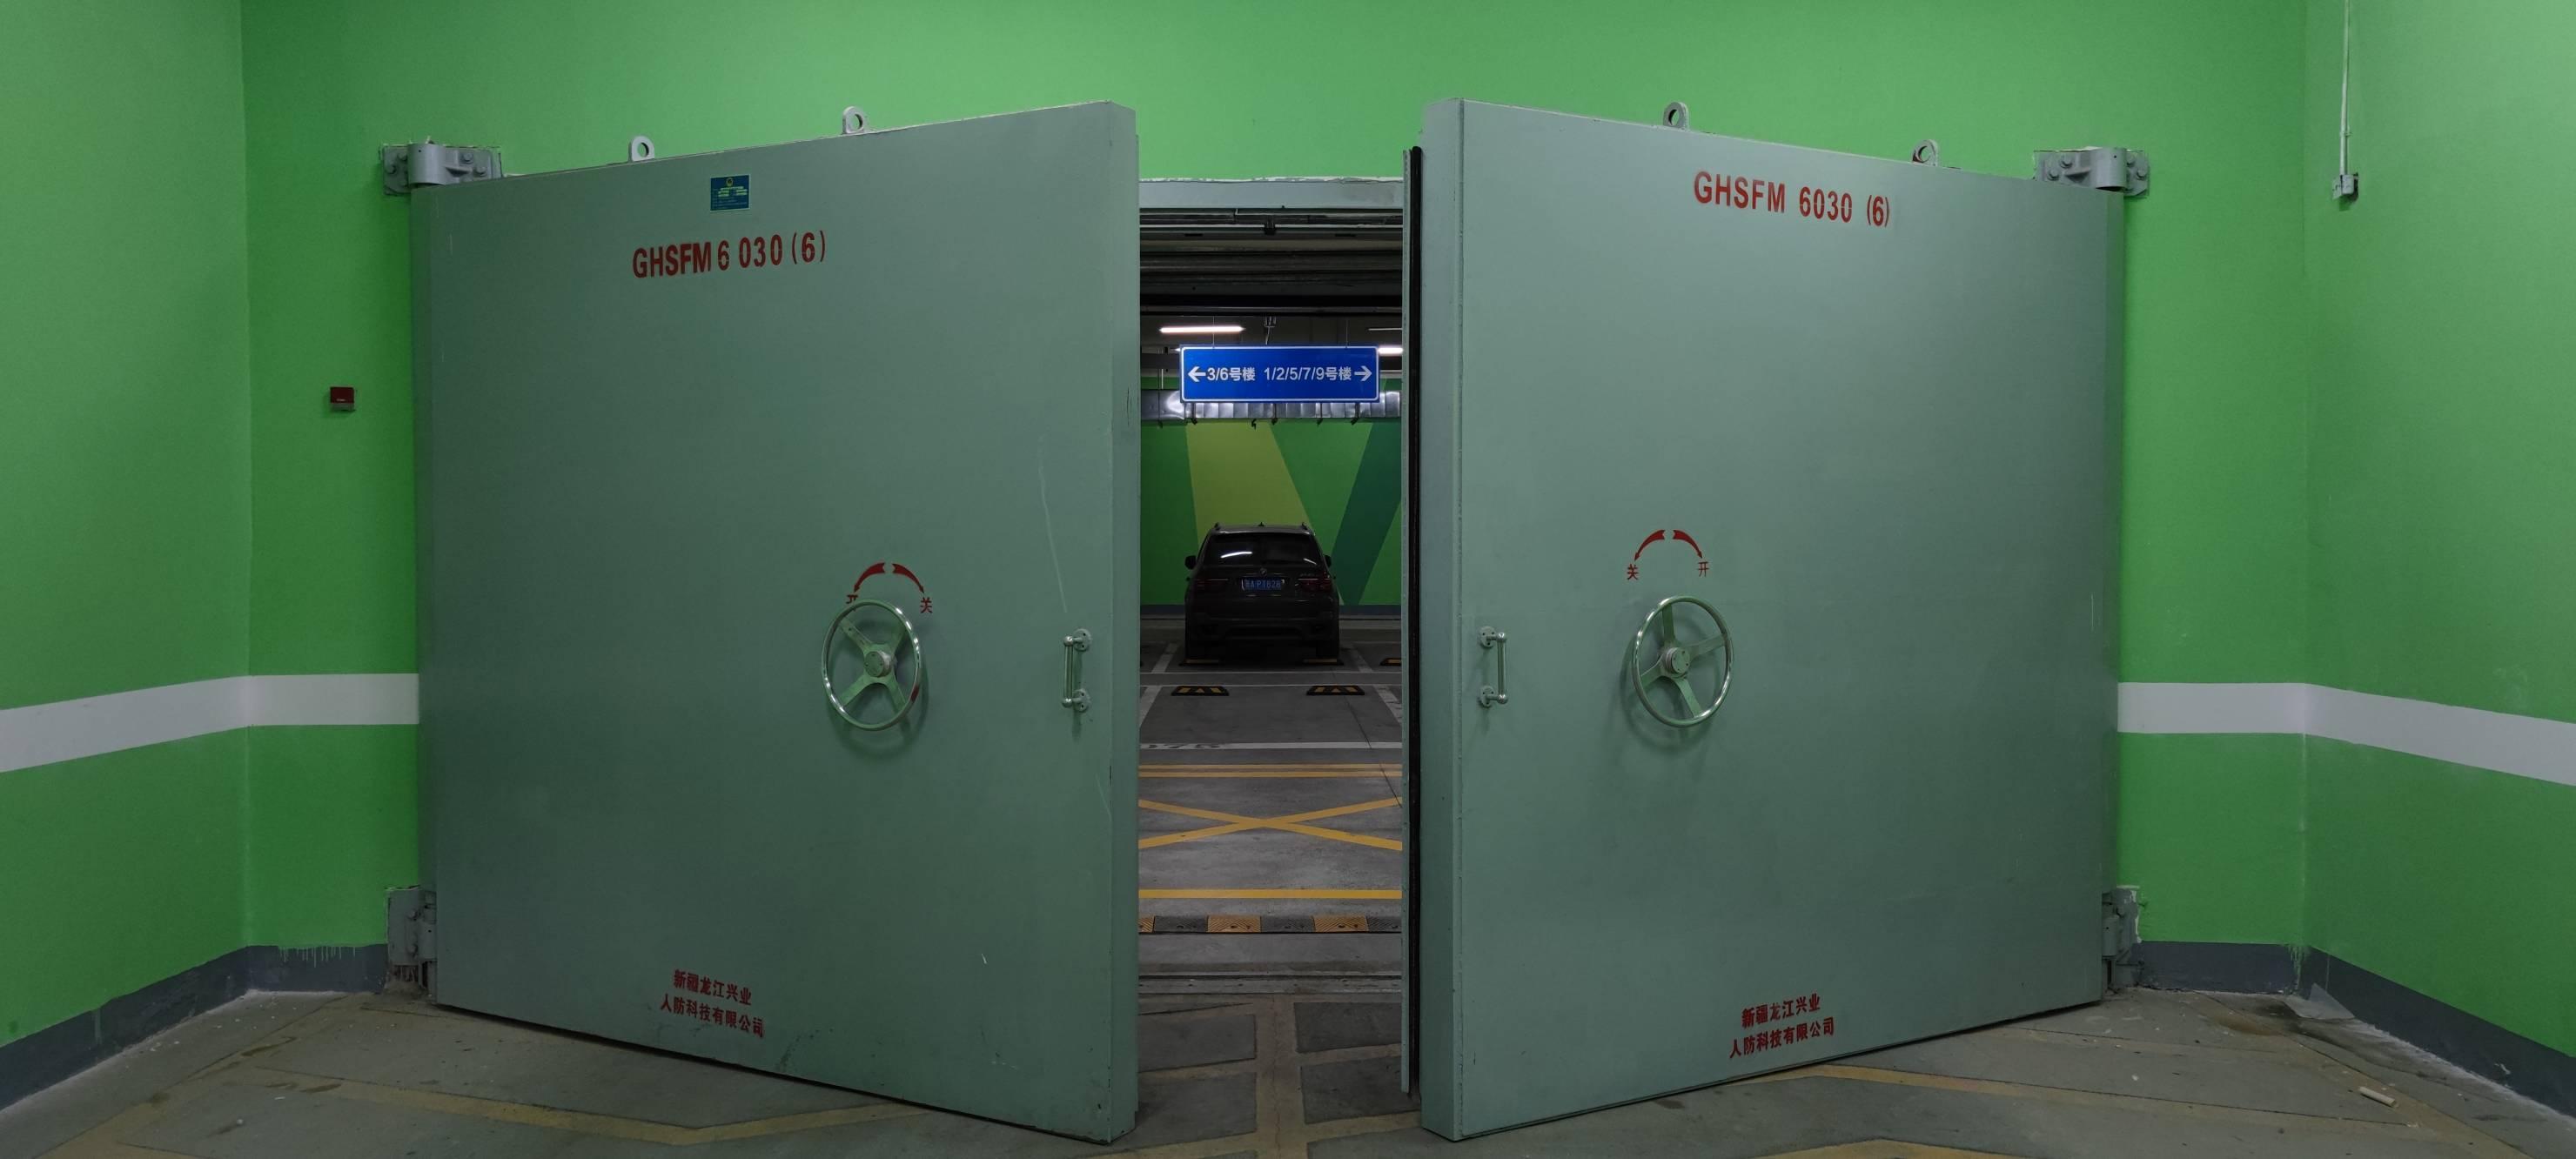 人防门的设置要求是什么呀